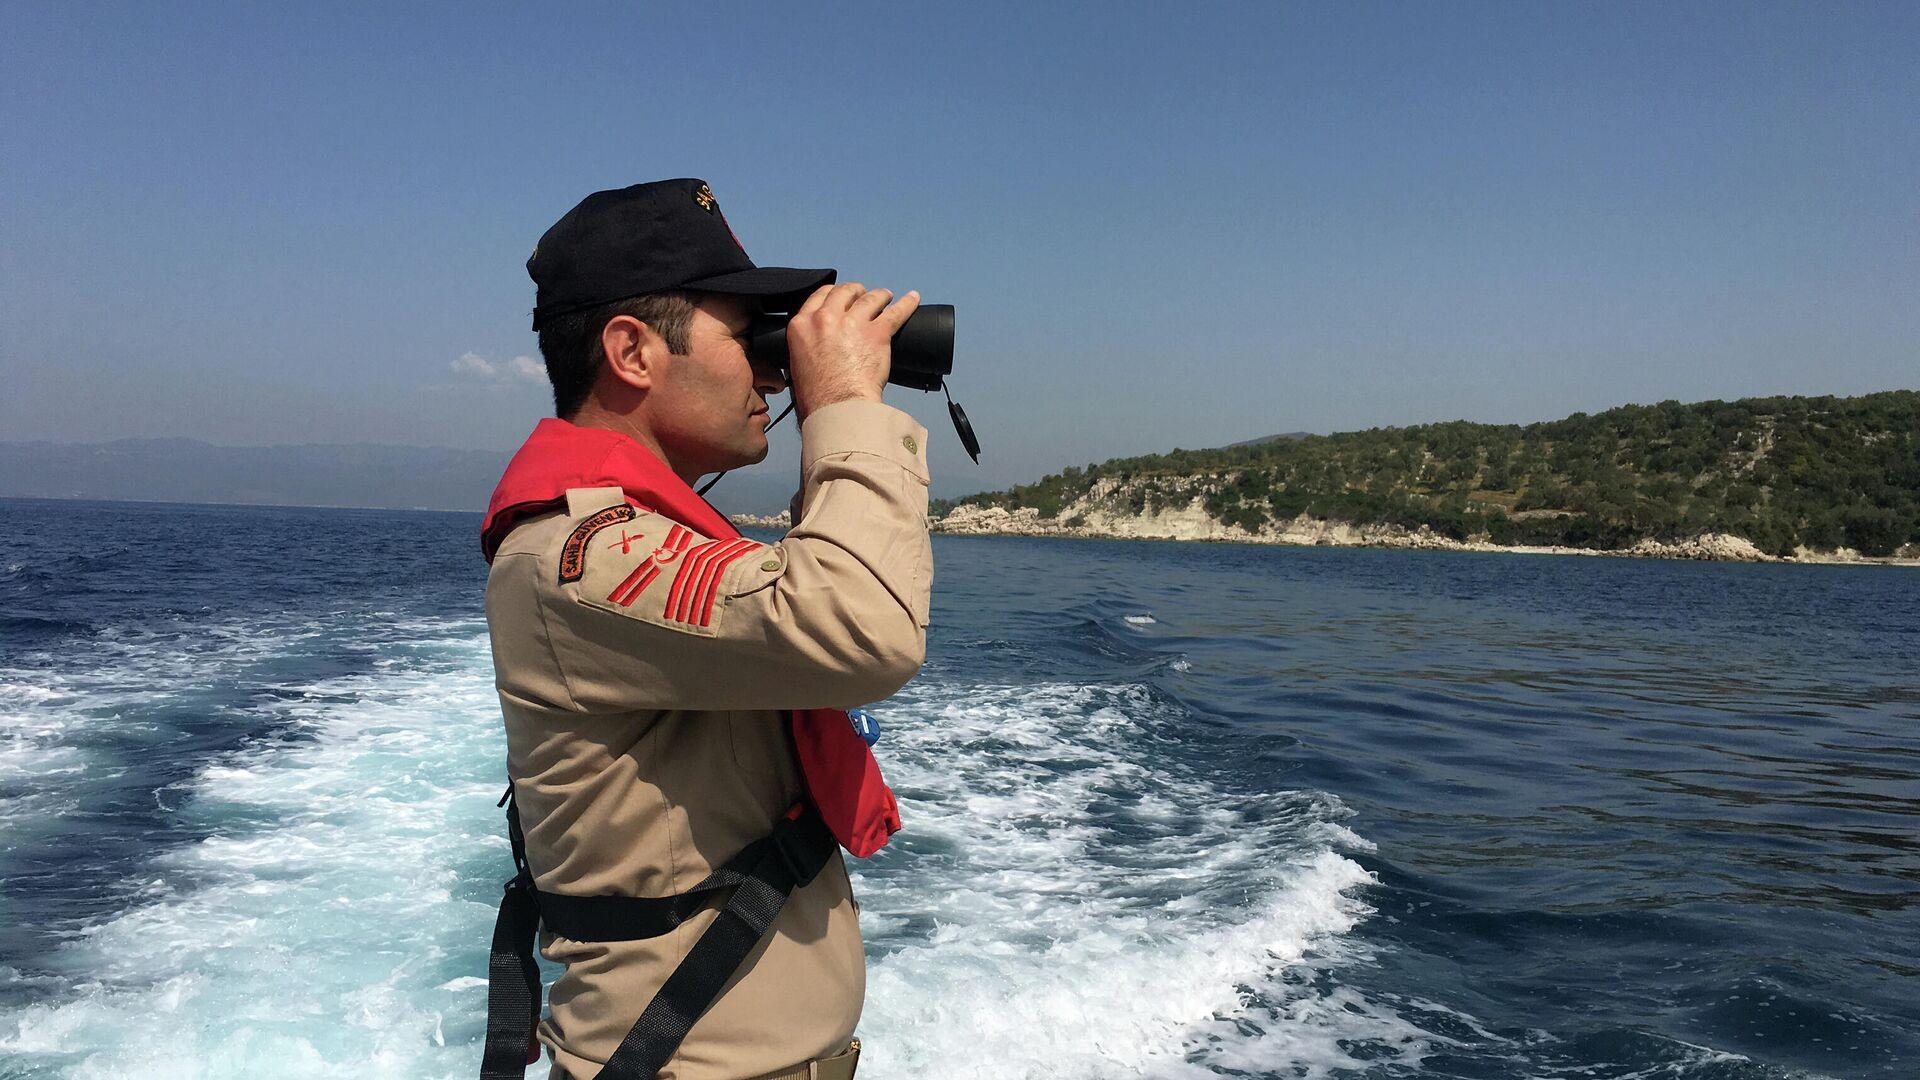 Офицер береговой охраны Турции - РИА Новости, 1920, 17.01.2021